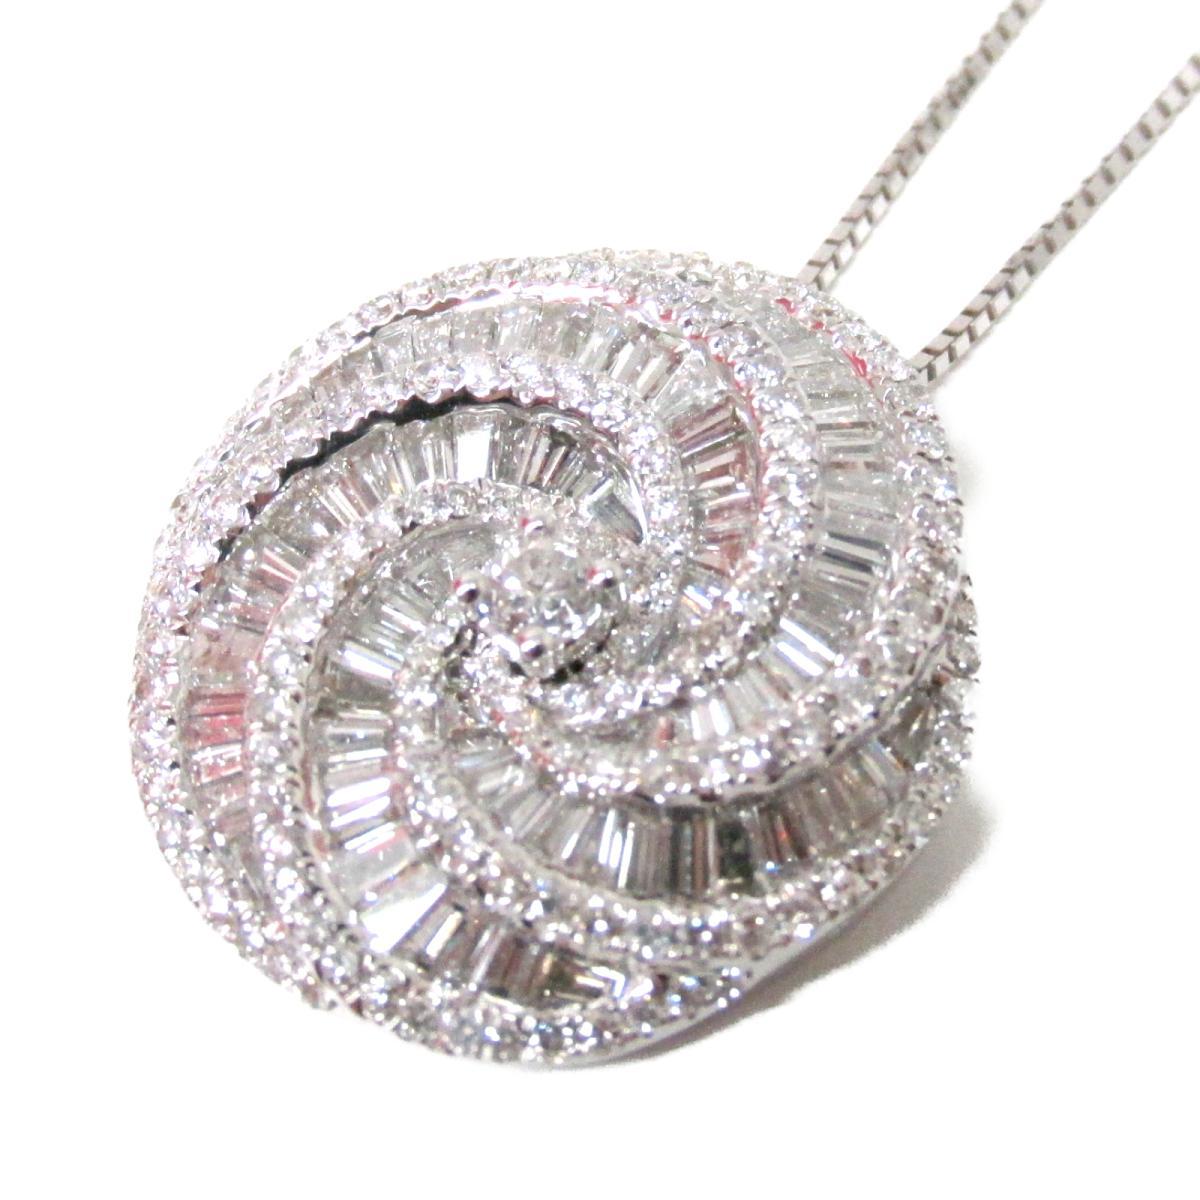 【中古】ジュエリー ダイヤモンド ネックレス レディース K18WG (750) ホワイトゴールド x (2.07ct)   JEWELRY BRANDOFF ブランドオフ ブランド アクセサリー ペンダント